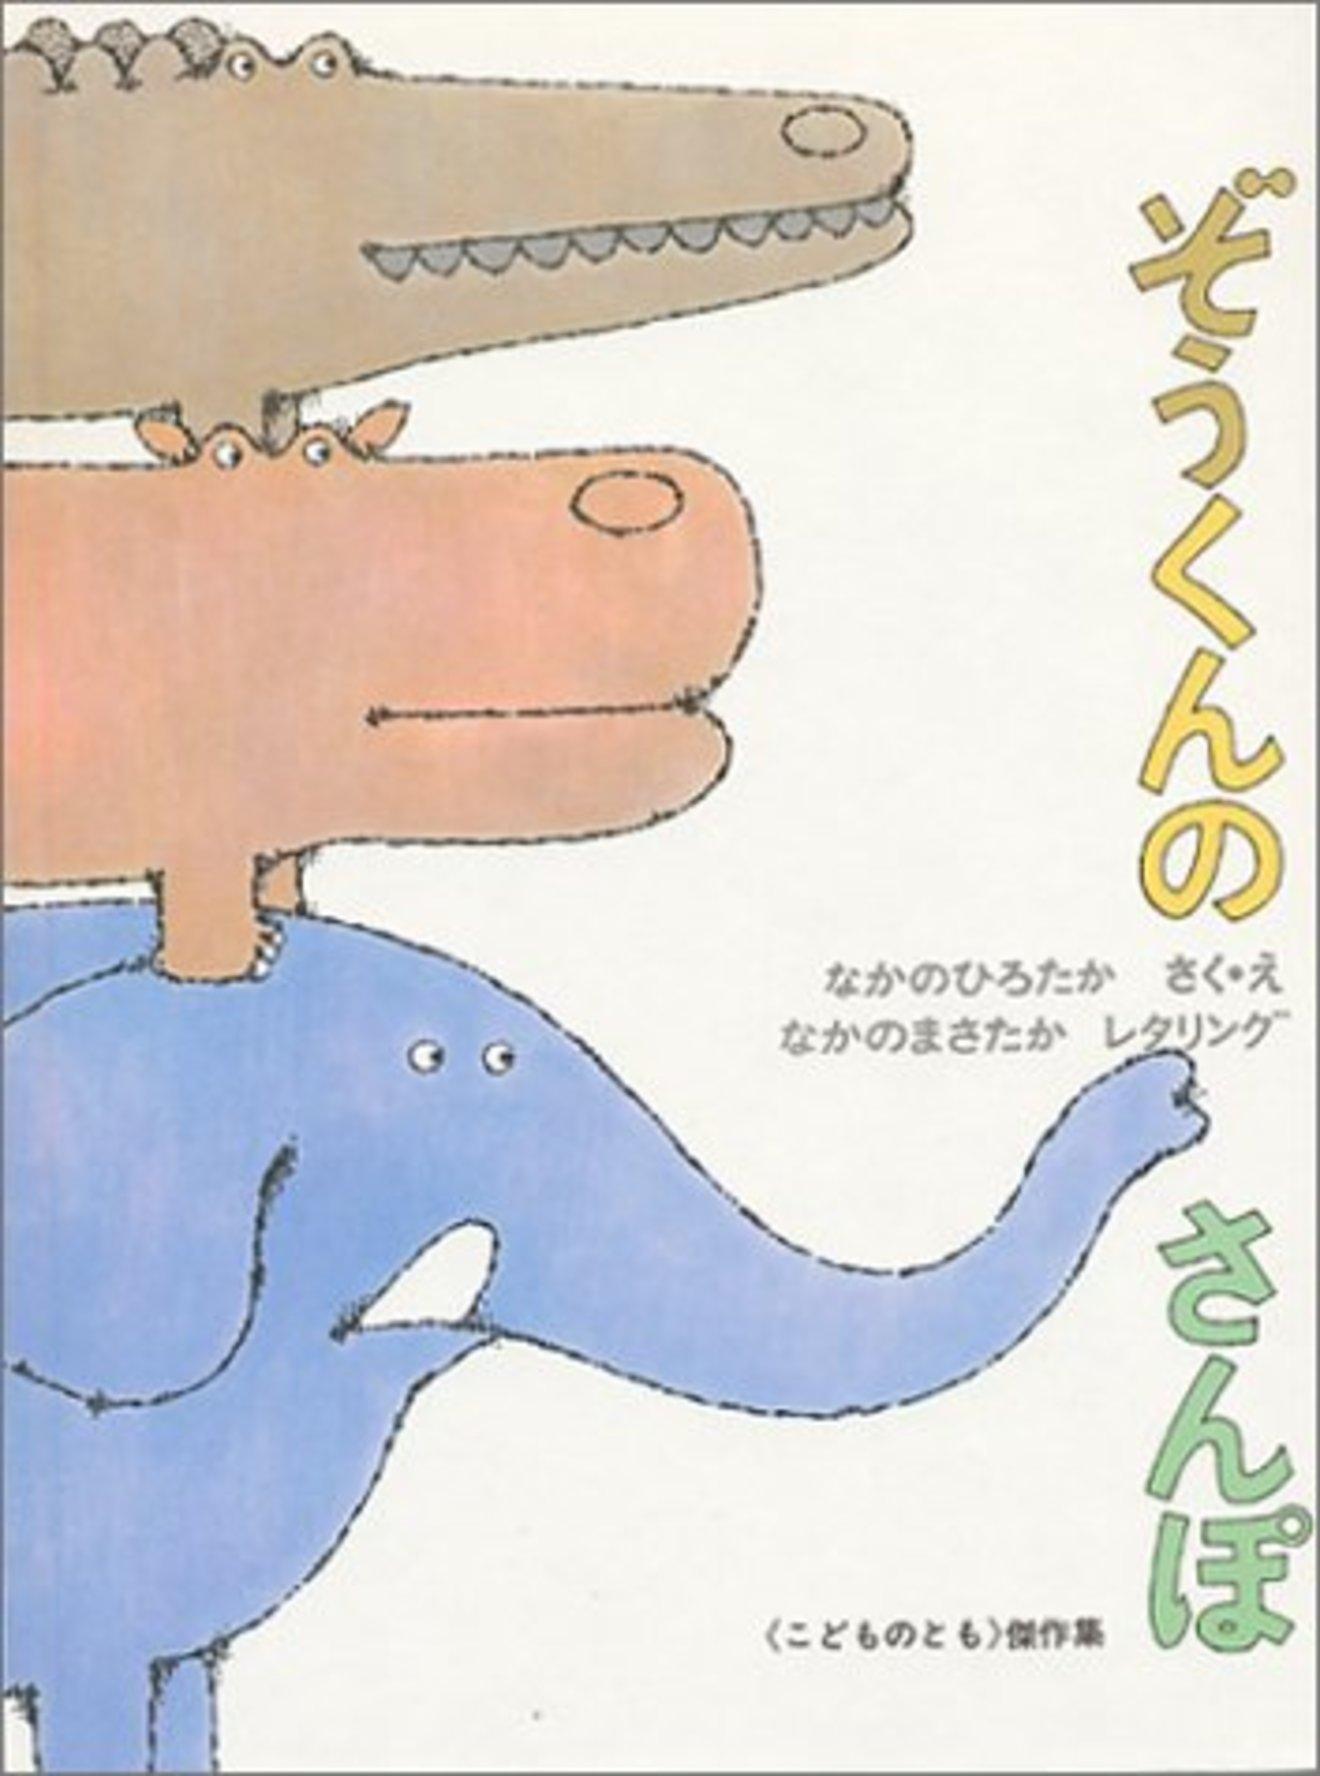 『ぞうくんのさんぽ』は定番の人気絵本!続編も合わせてご紹介